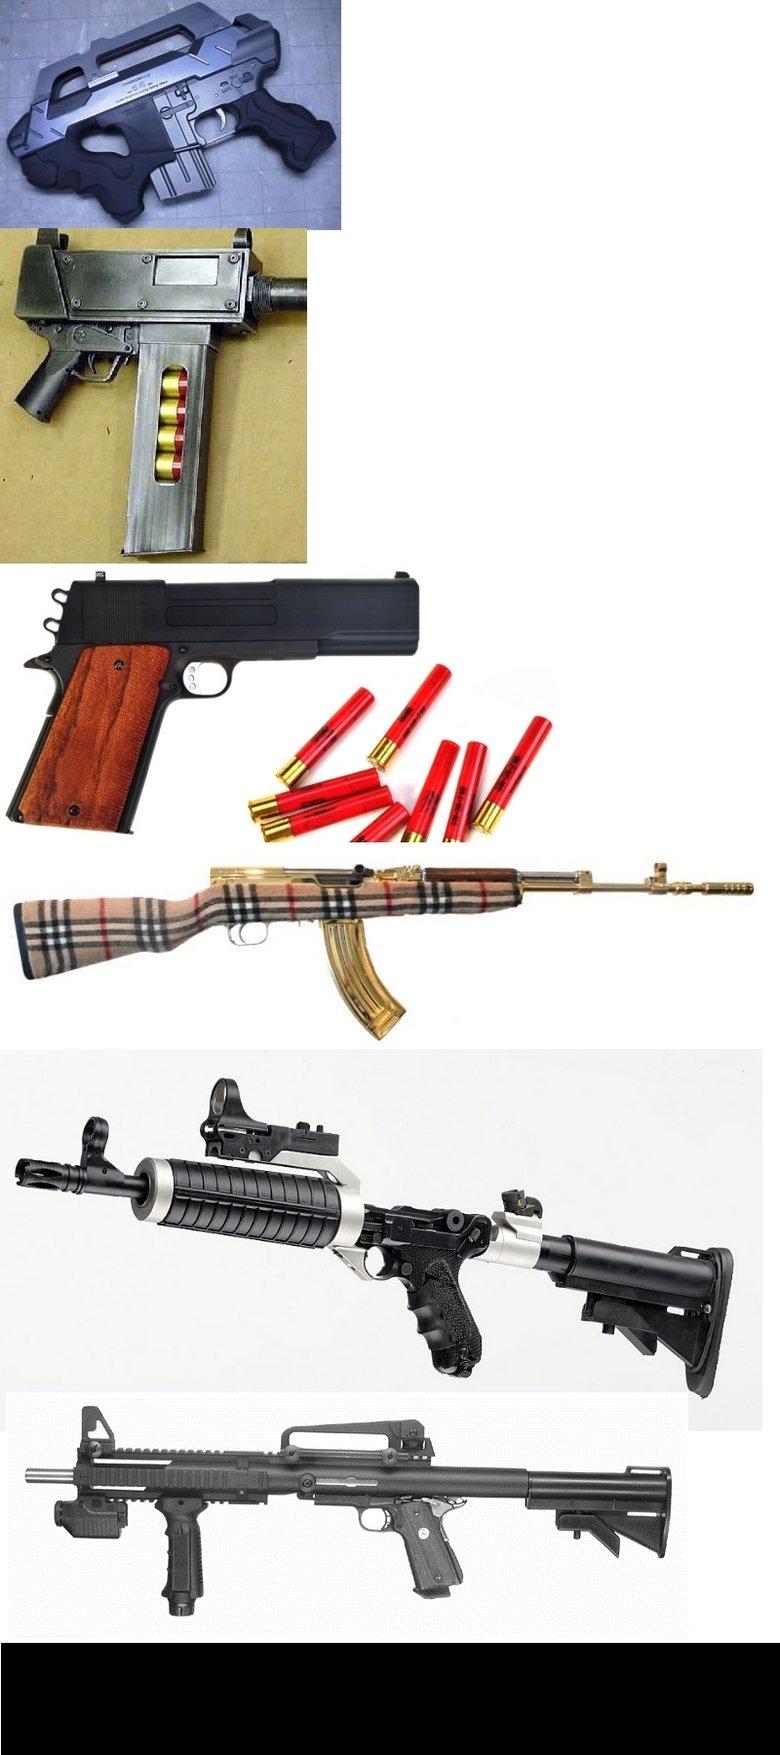 wierd gun comp. 1st gun is an m4 cqb custom made 2nd gun is a fully automatic shotgun 3rd is a double barrelled 20 gauge 1911 4th you've probably never heard of wierd gun comp ruger ak hipster m Shot gun